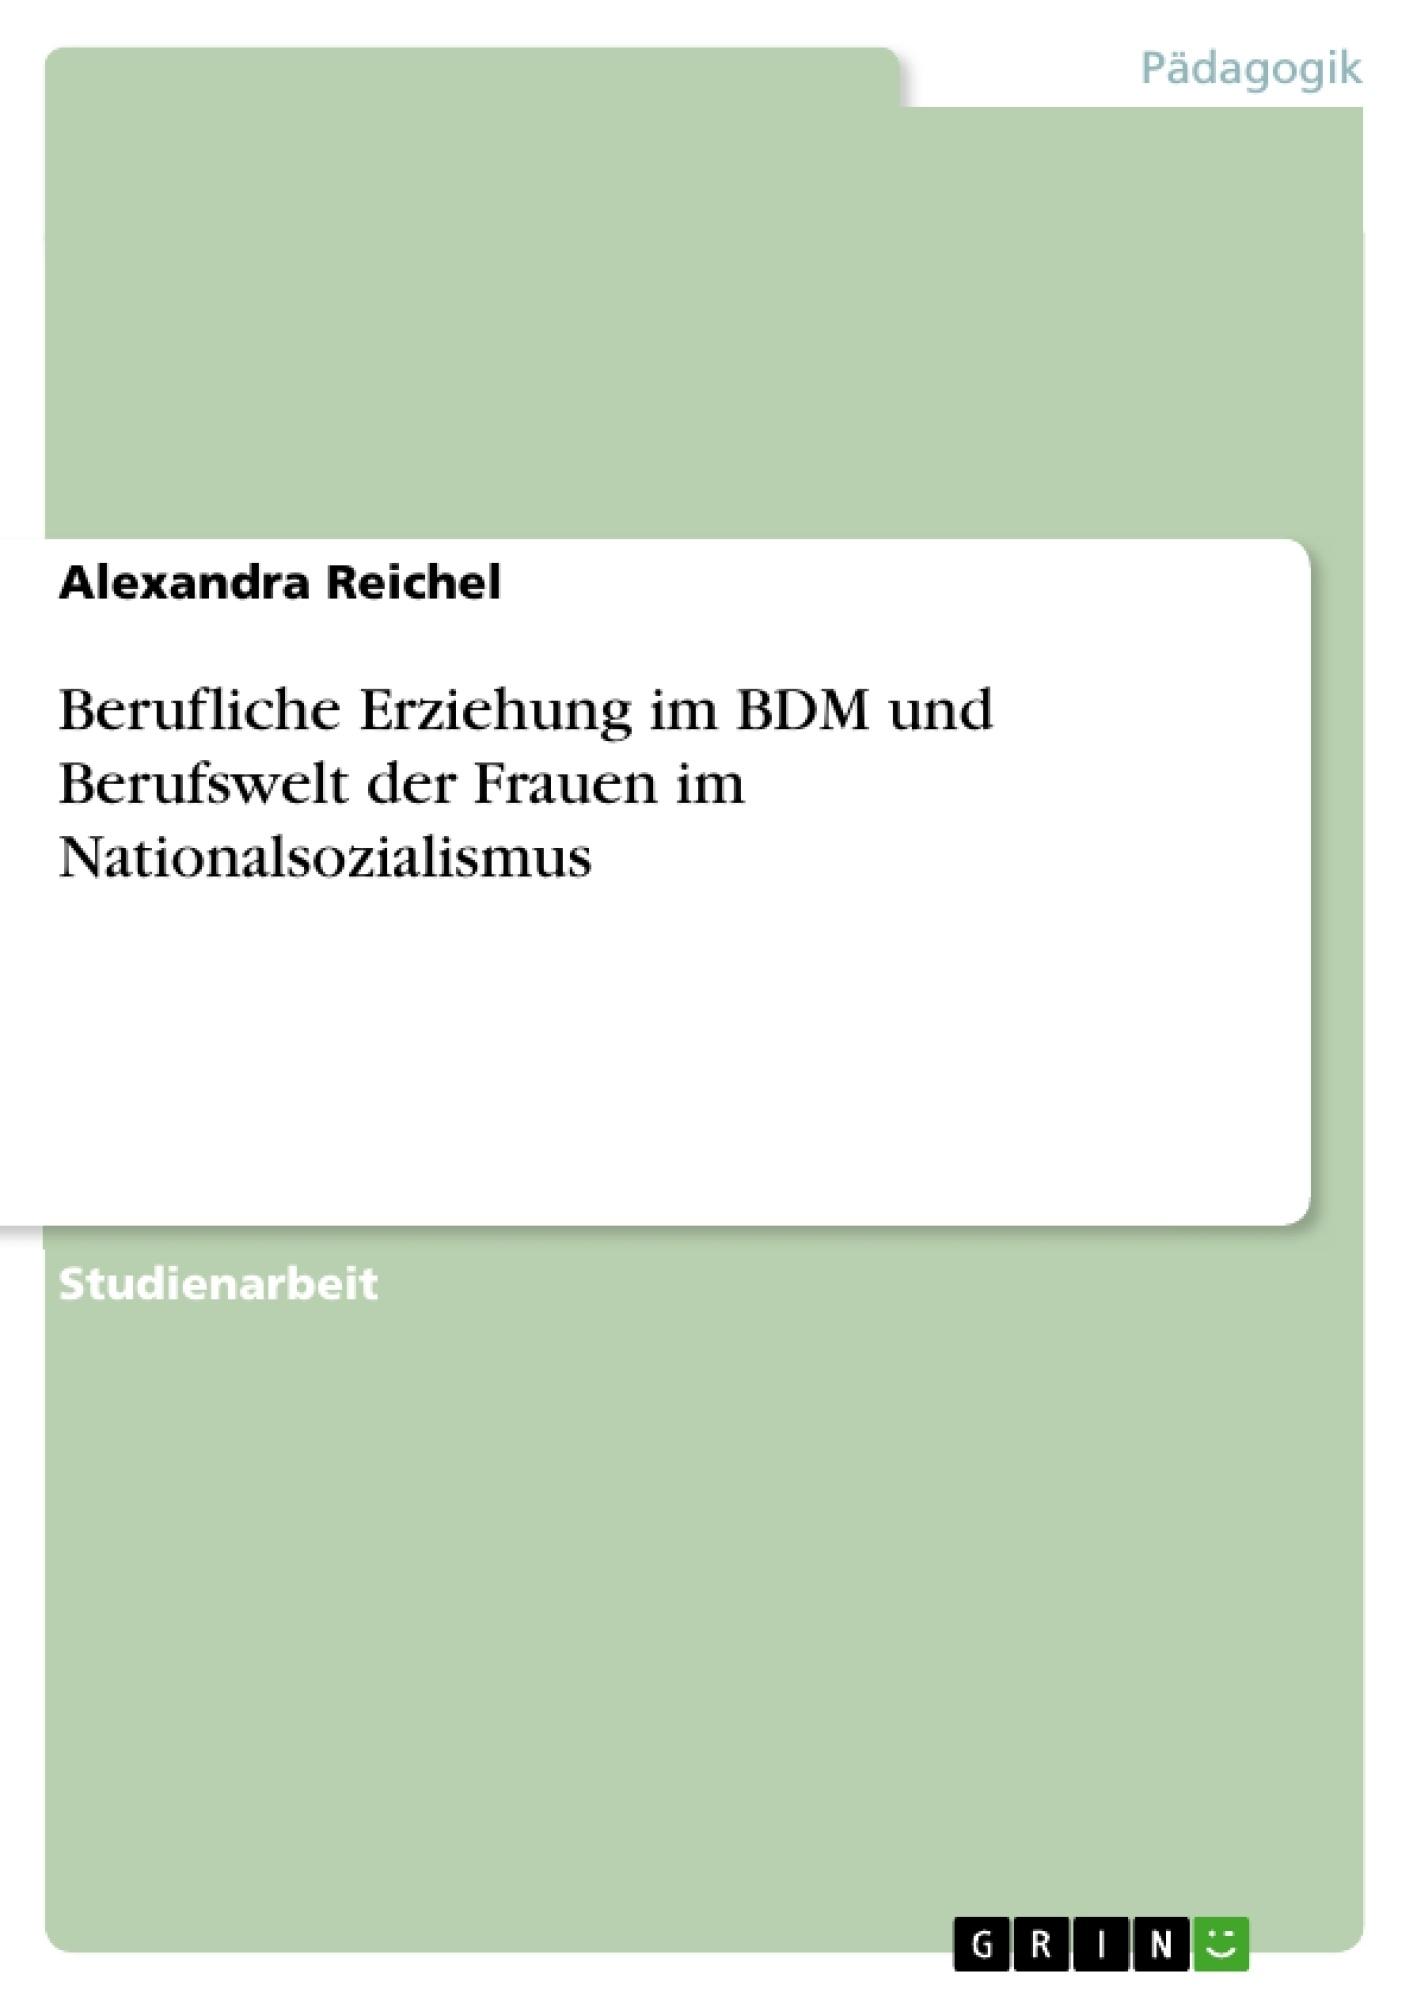 Titel: Berufliche Erziehung im BDM und Berufswelt der Frauen im Nationalsozialismus